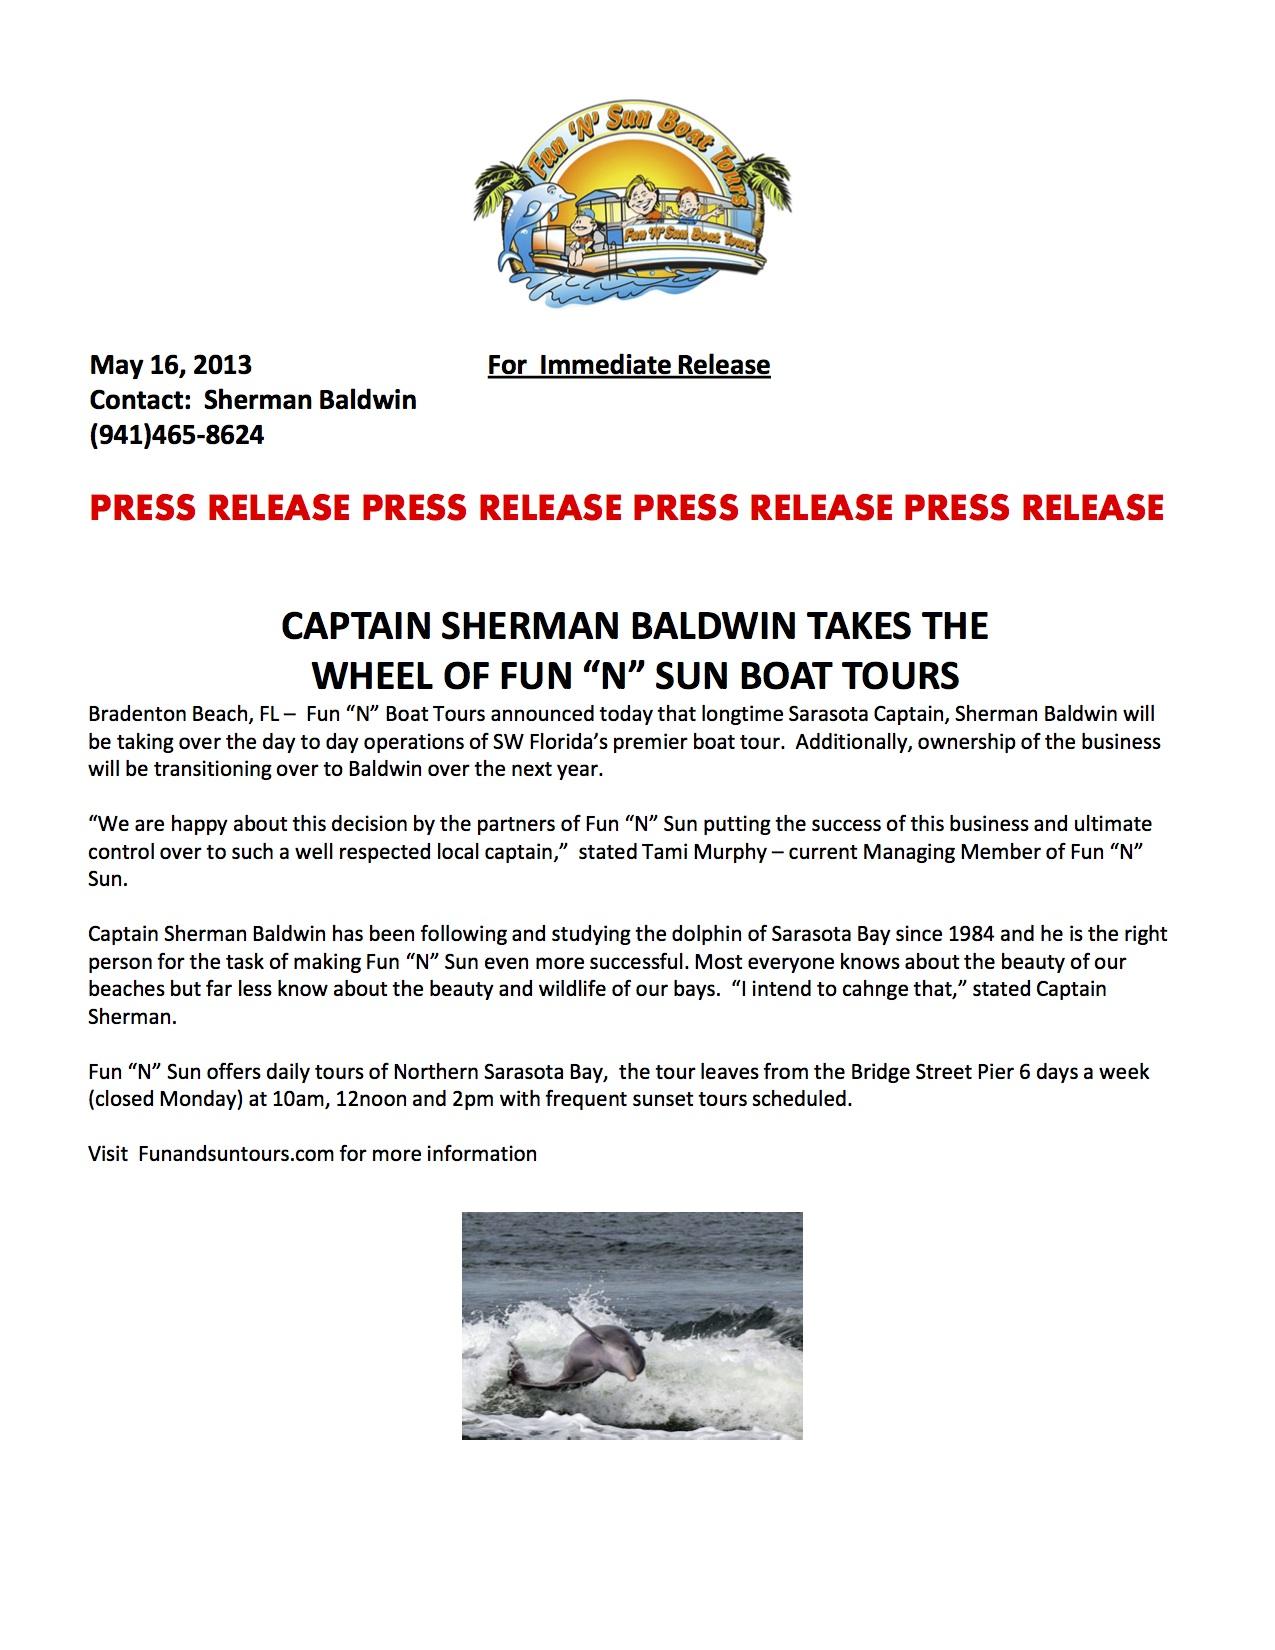 fun and sun press release.jpg